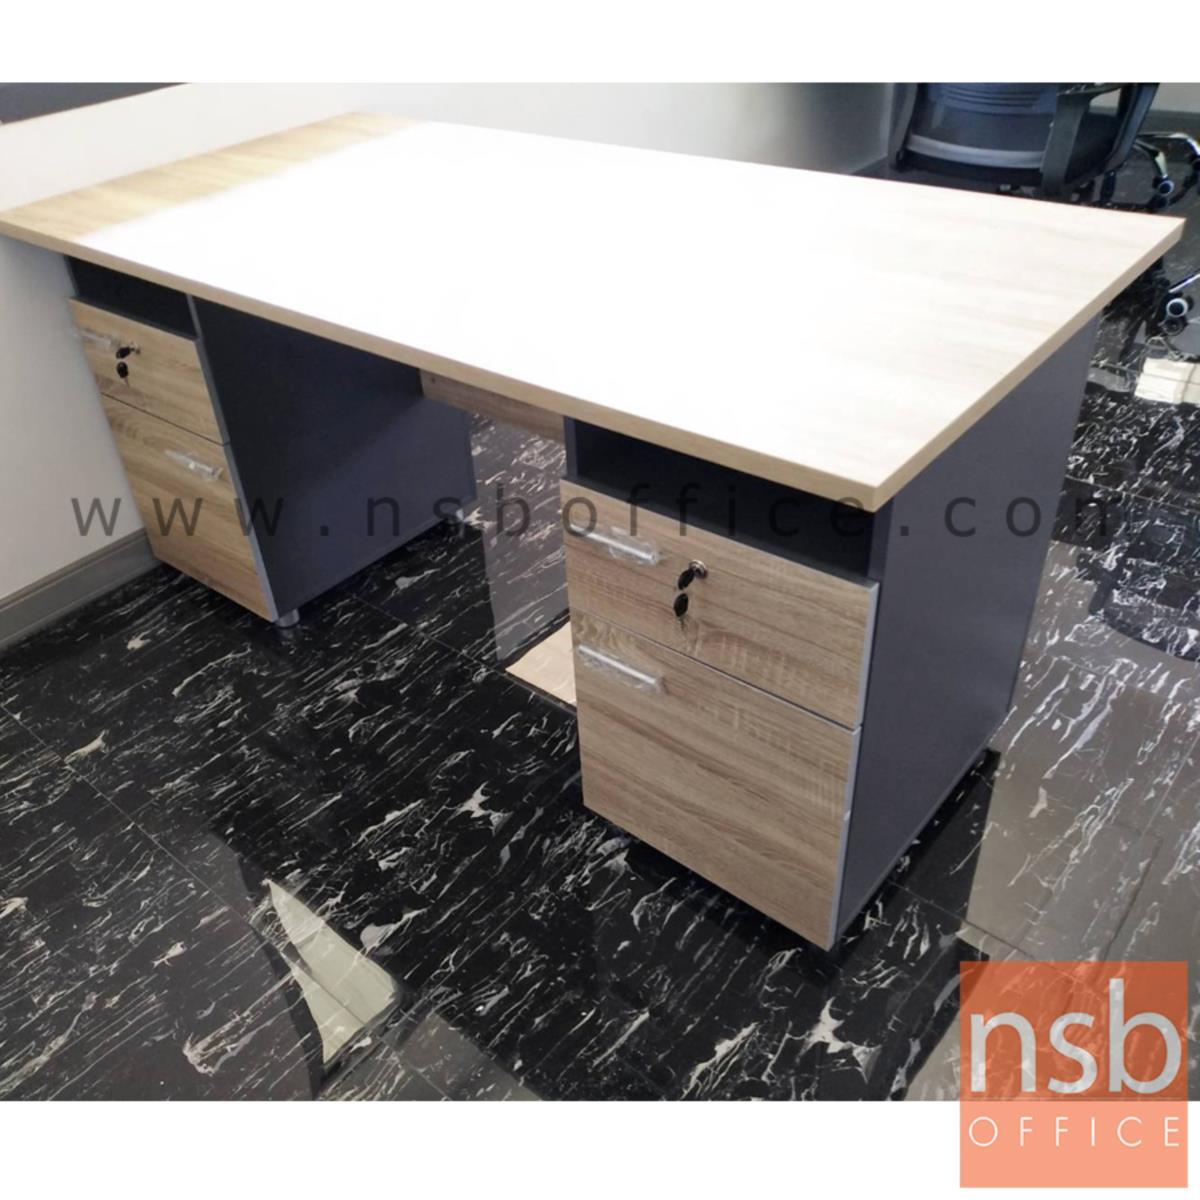 โต๊ะทำงาน 4 ลิ้นชัก  รุ่น DKK-1622  ขนาด 160W cm. เมลามีน สีแกรนโอ๊คตัดกราไฟท์